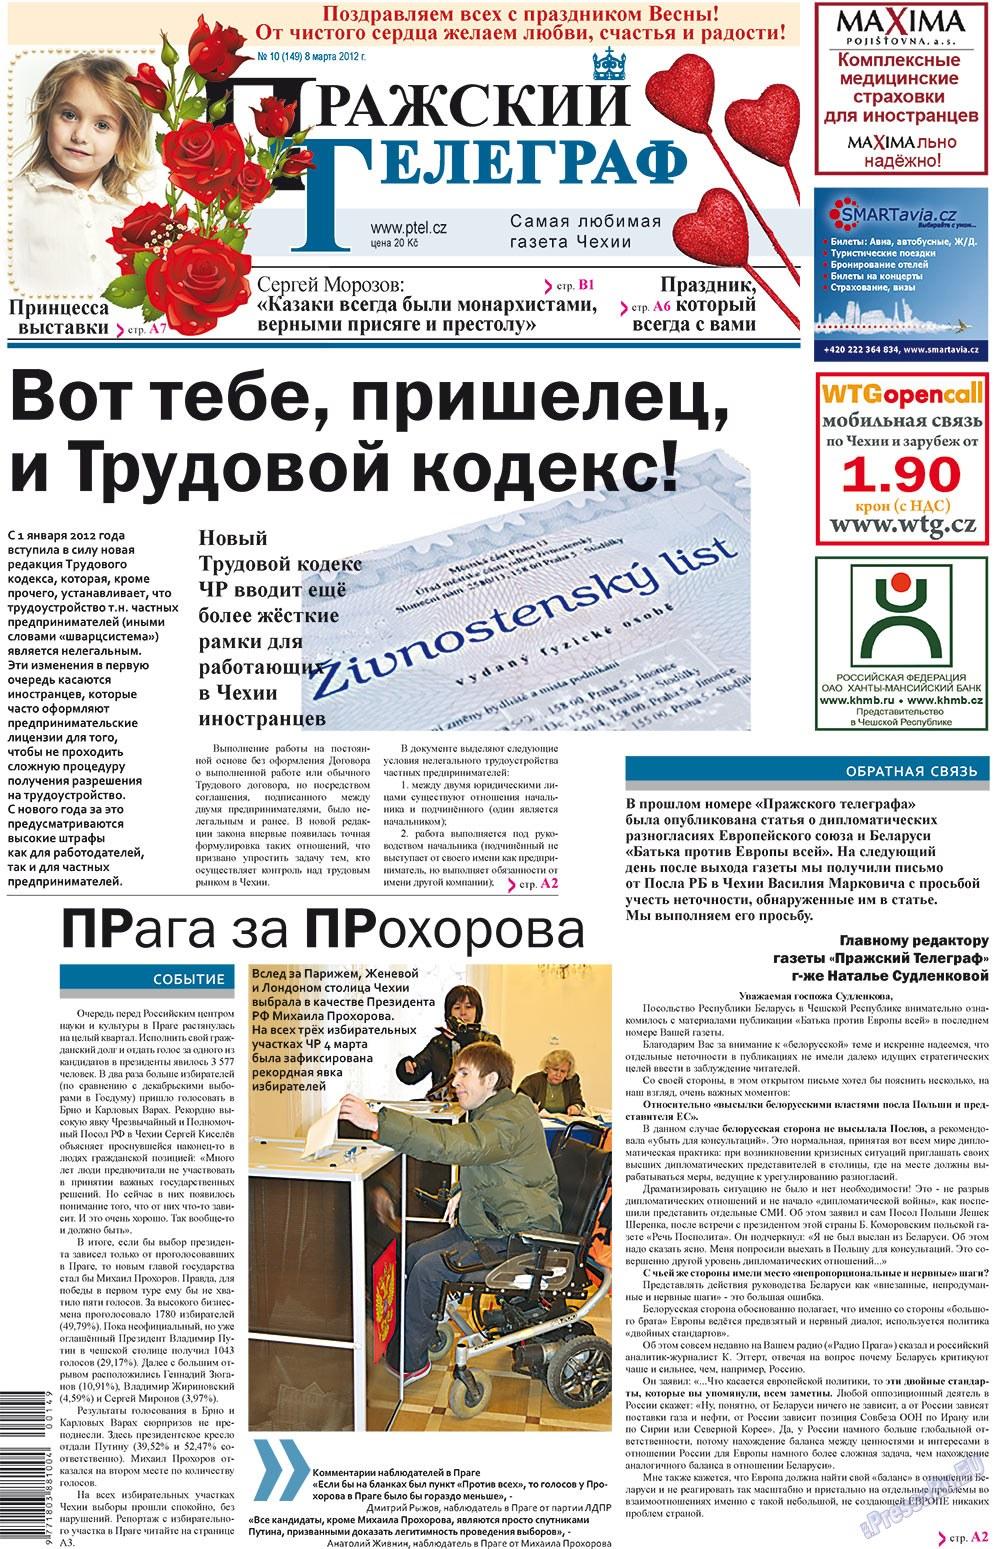 Пражский телеграф (газета). 2012 год, номер 10, стр. 1